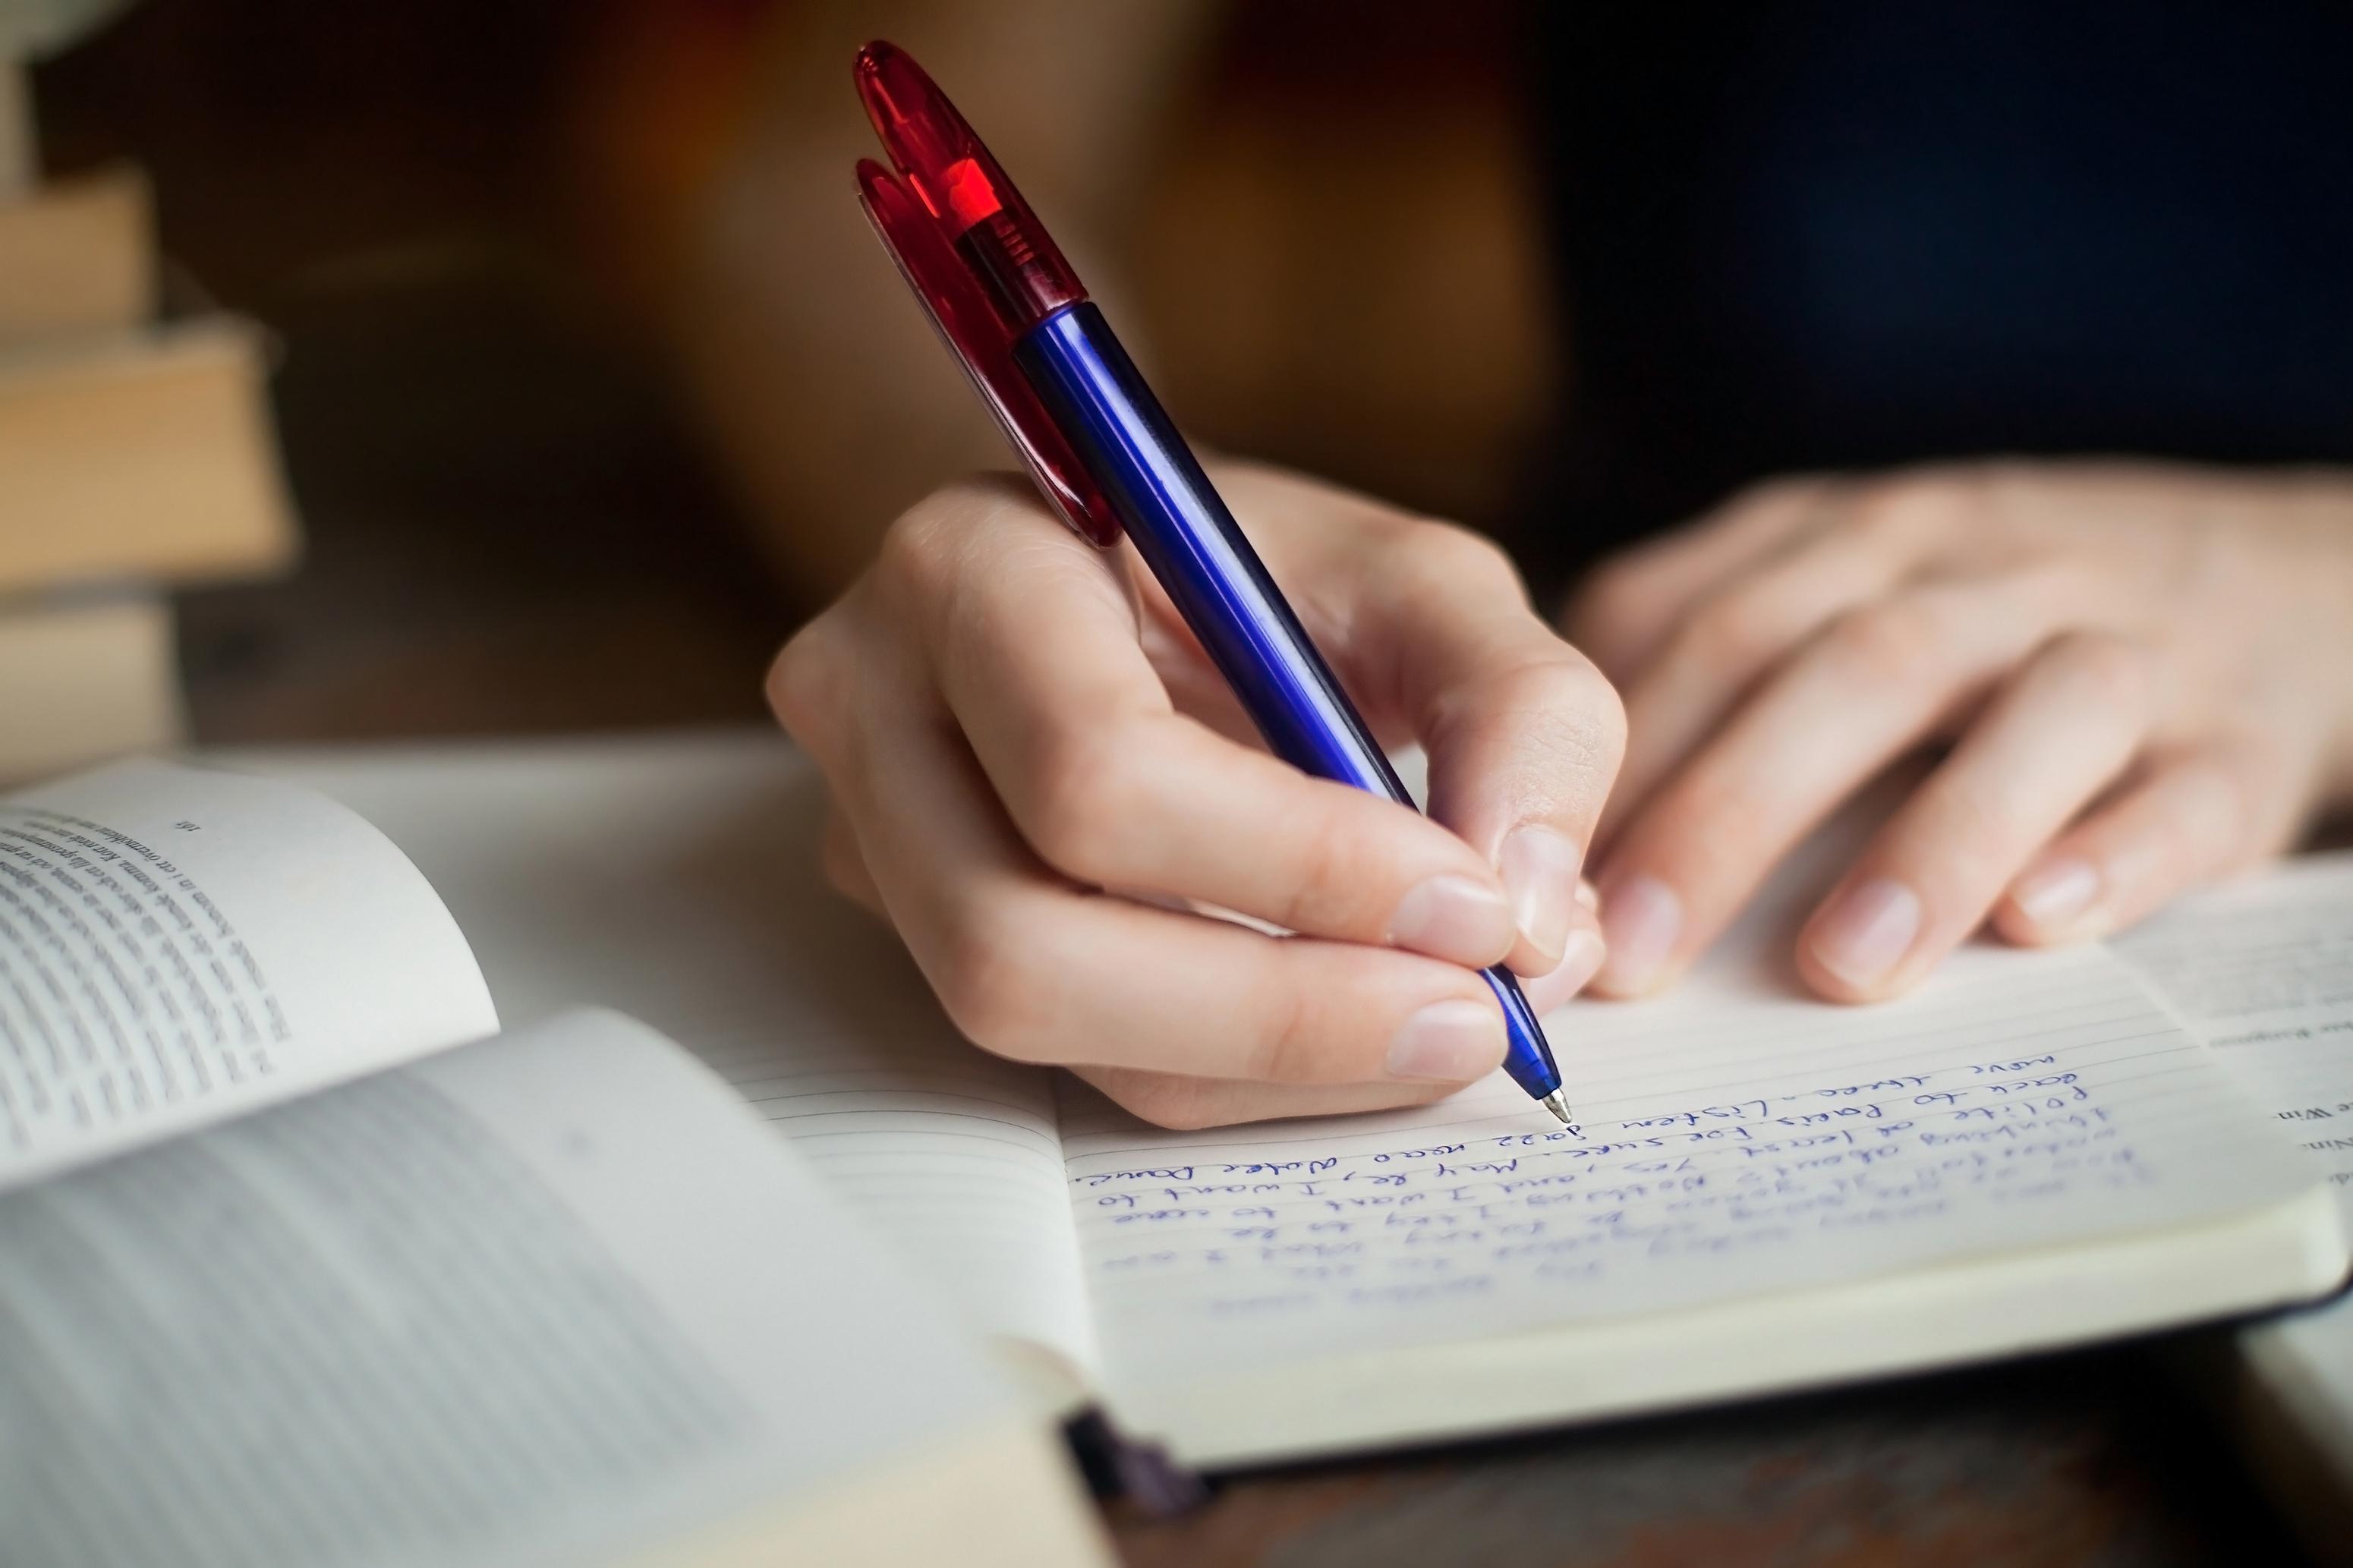 Visst går det snabbare att skriva på tangentbord, men att skriva för hand ger vissa kognitiva fördelar.